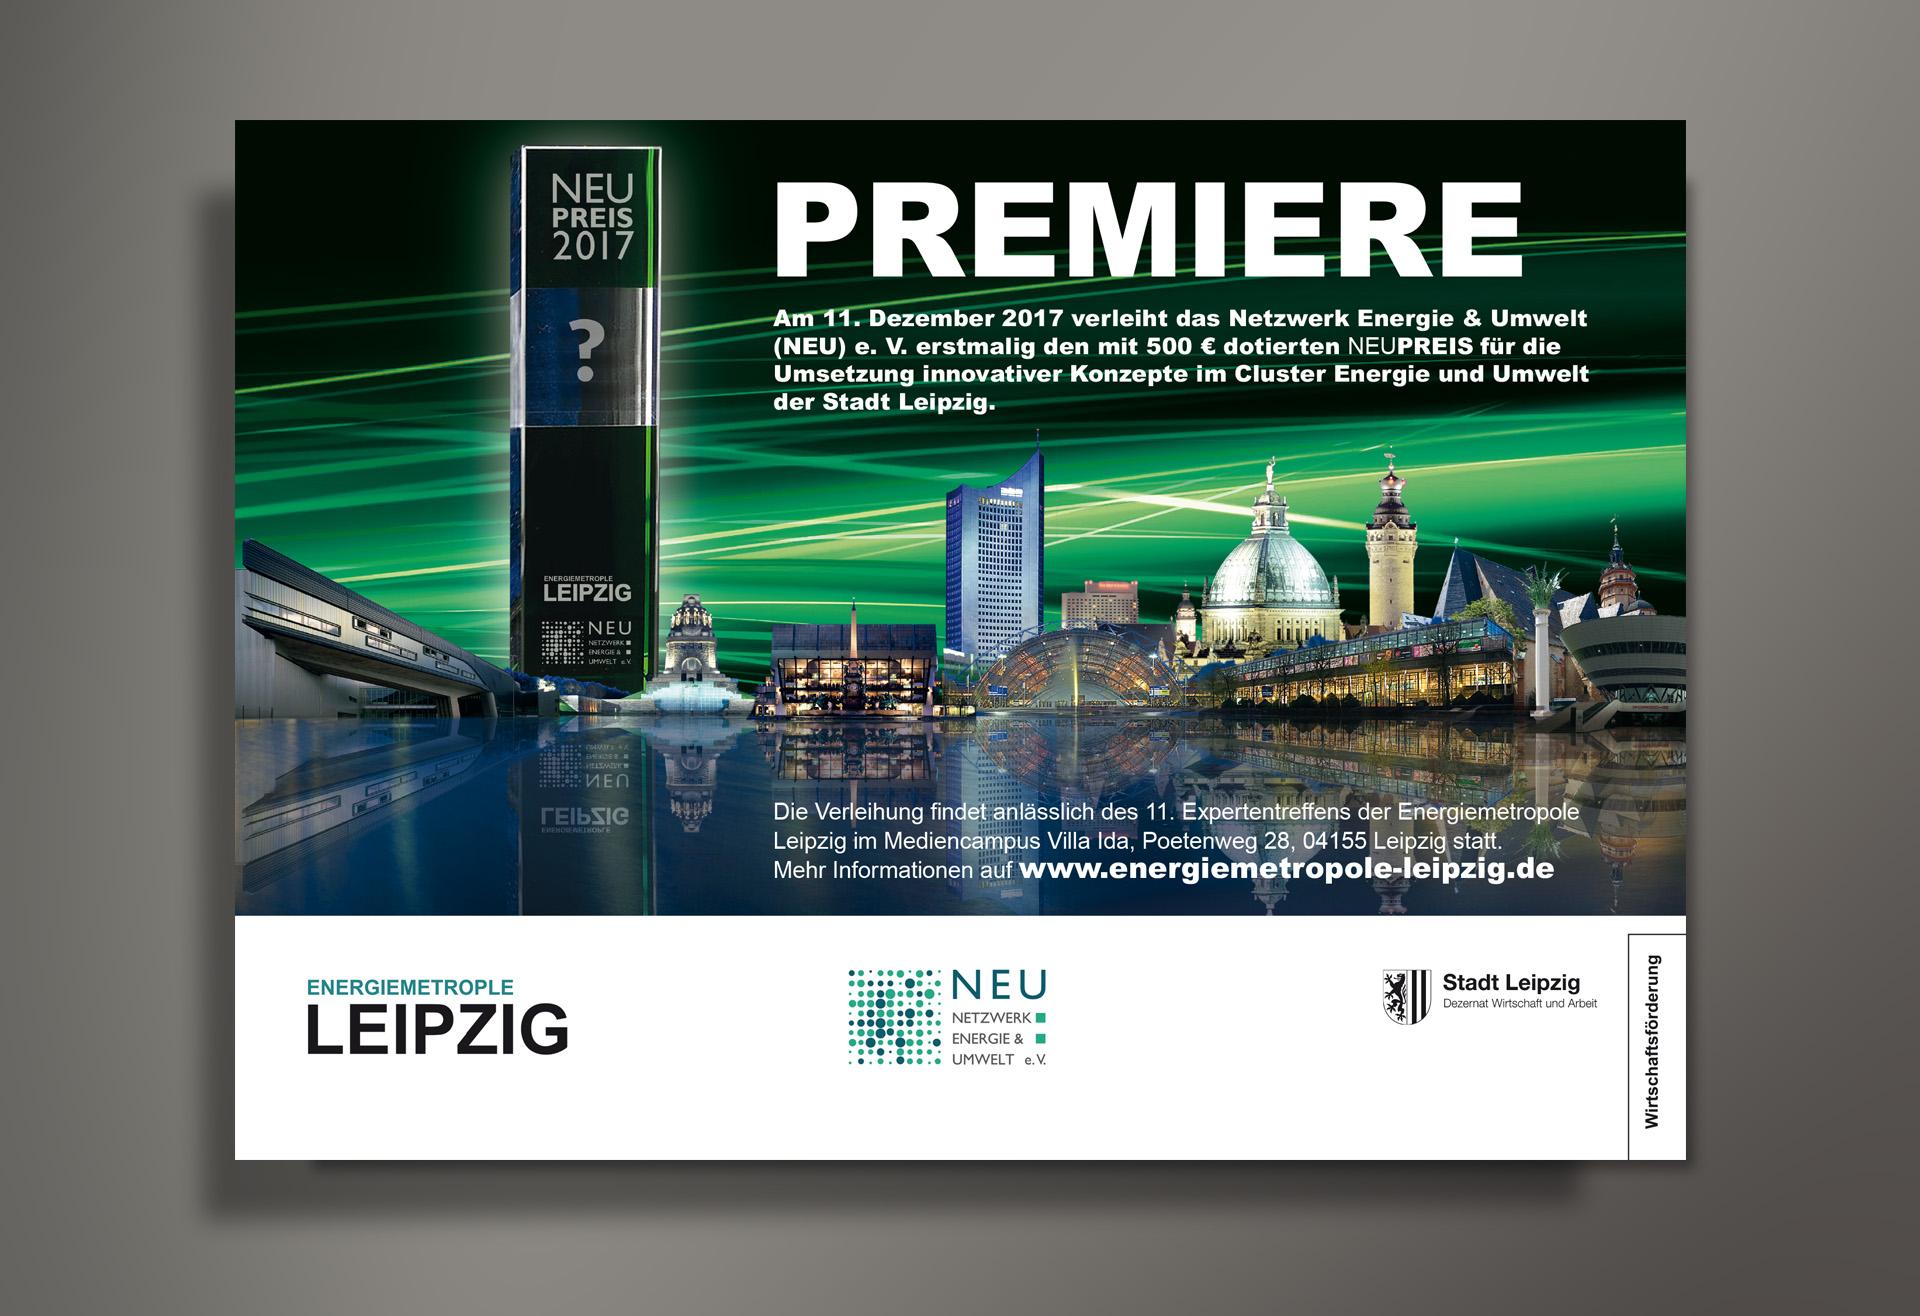 Anzeige NEUPREIS Premiere des Netzwerk Energie / Umwelt (NEU) e. V., Reichelt Kommunikationsberatung